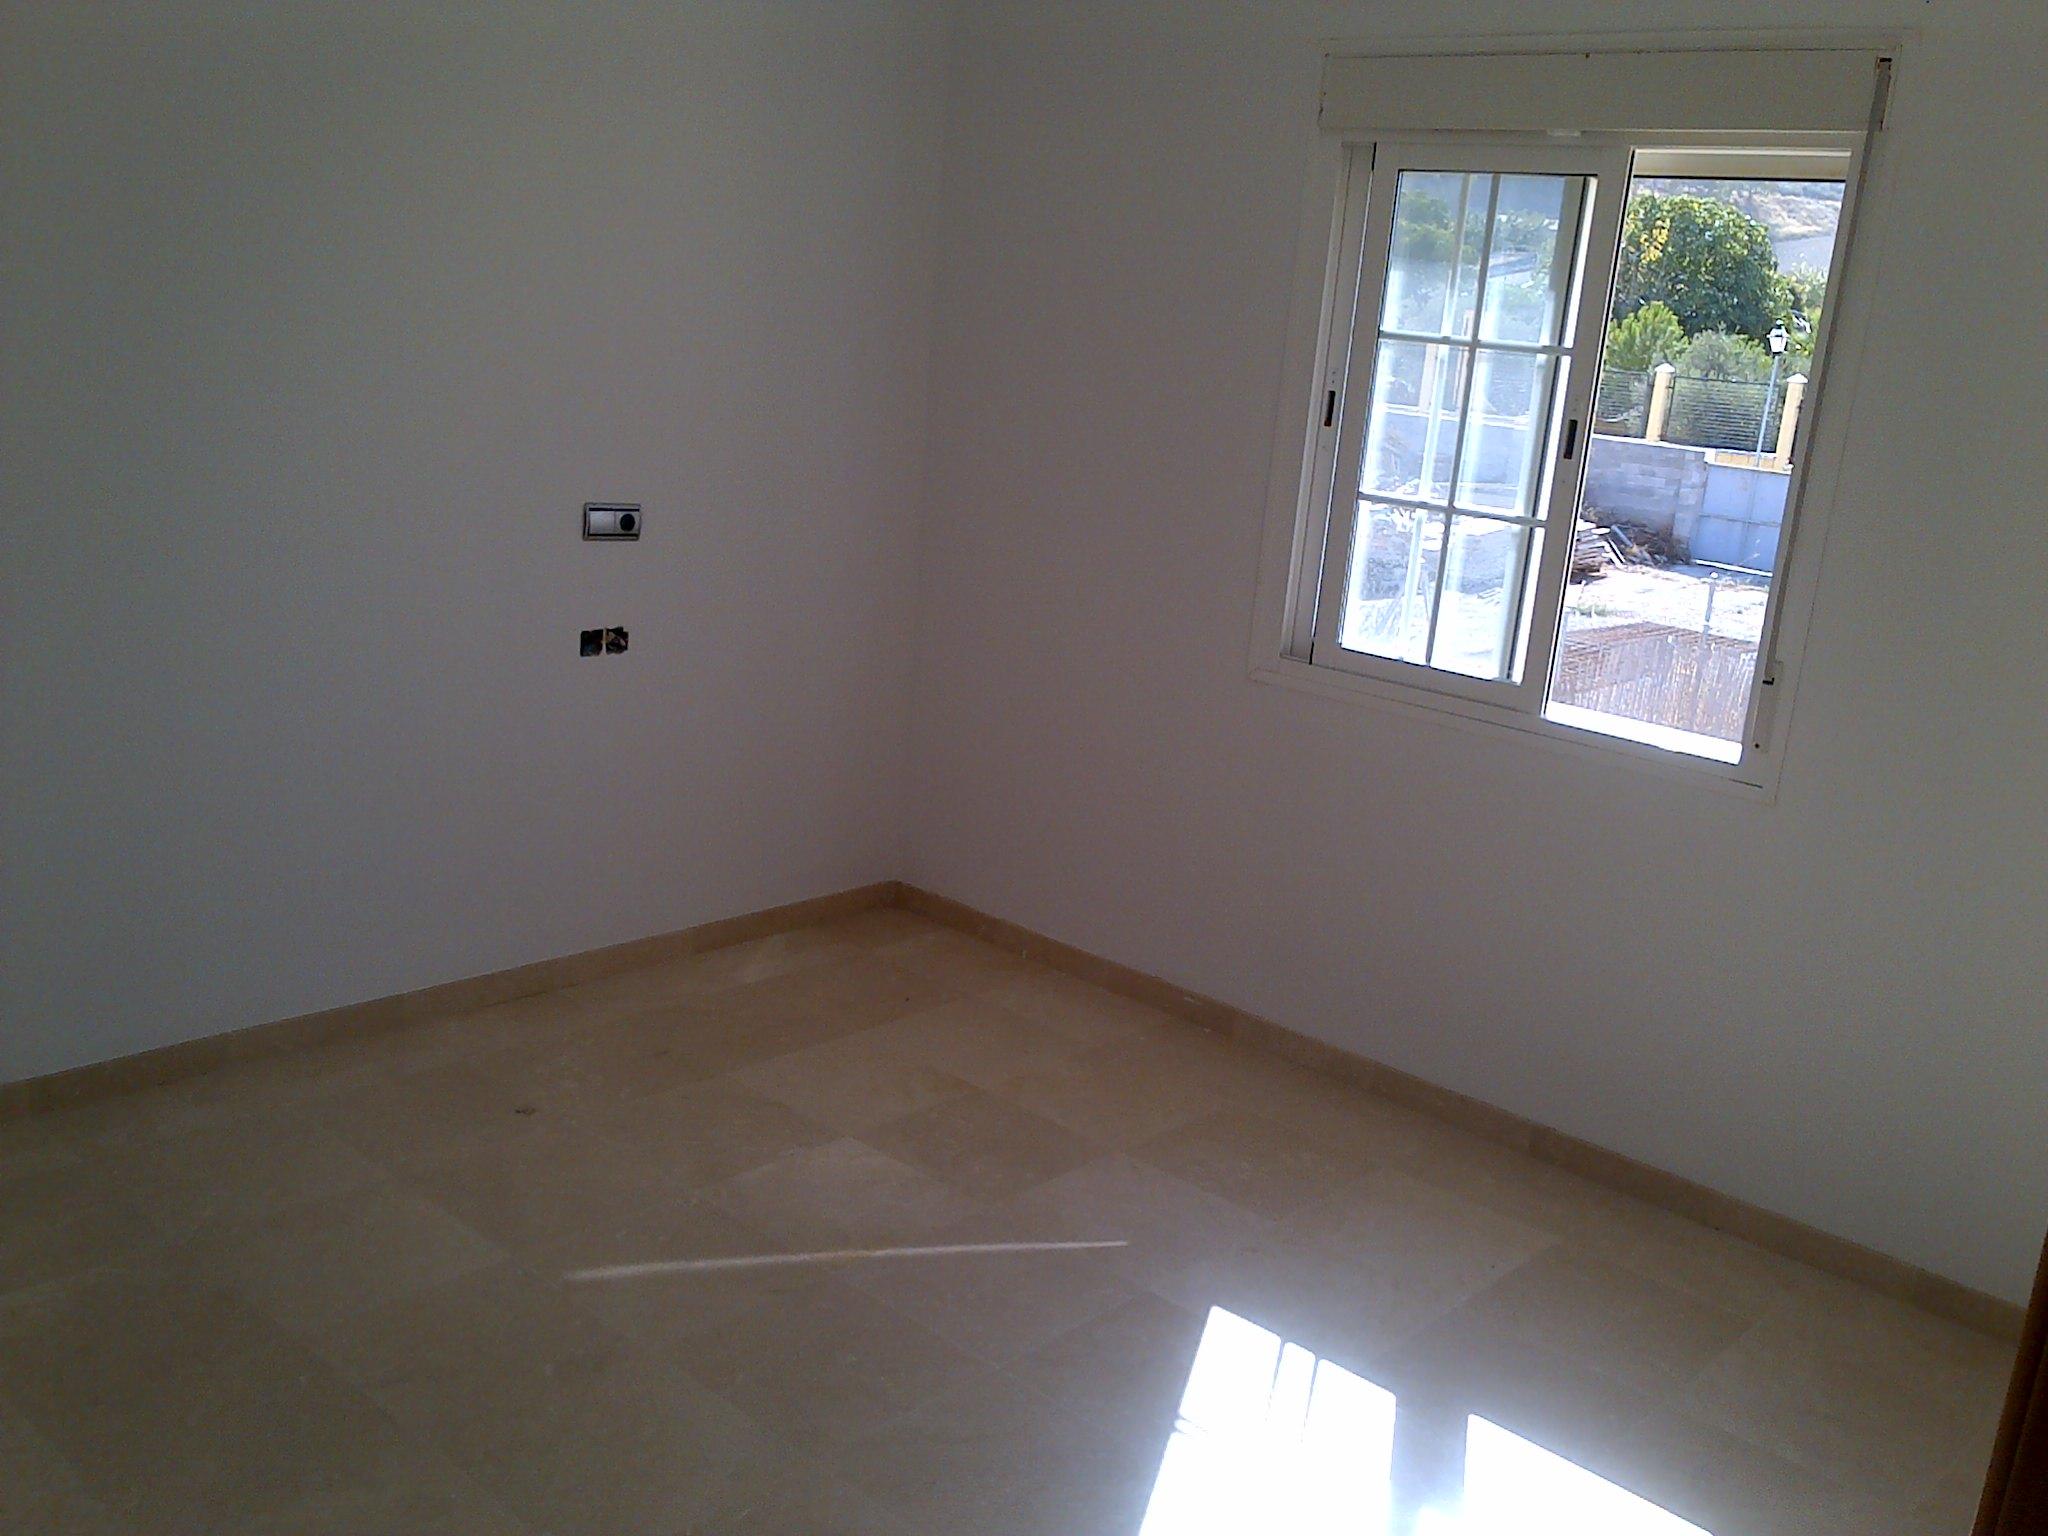 Casa en venta en Antequera, Málaga, Calle Doctor Gregorio Marañon, 320.000 €, 5 habitaciones, 3 baños, 194 m2